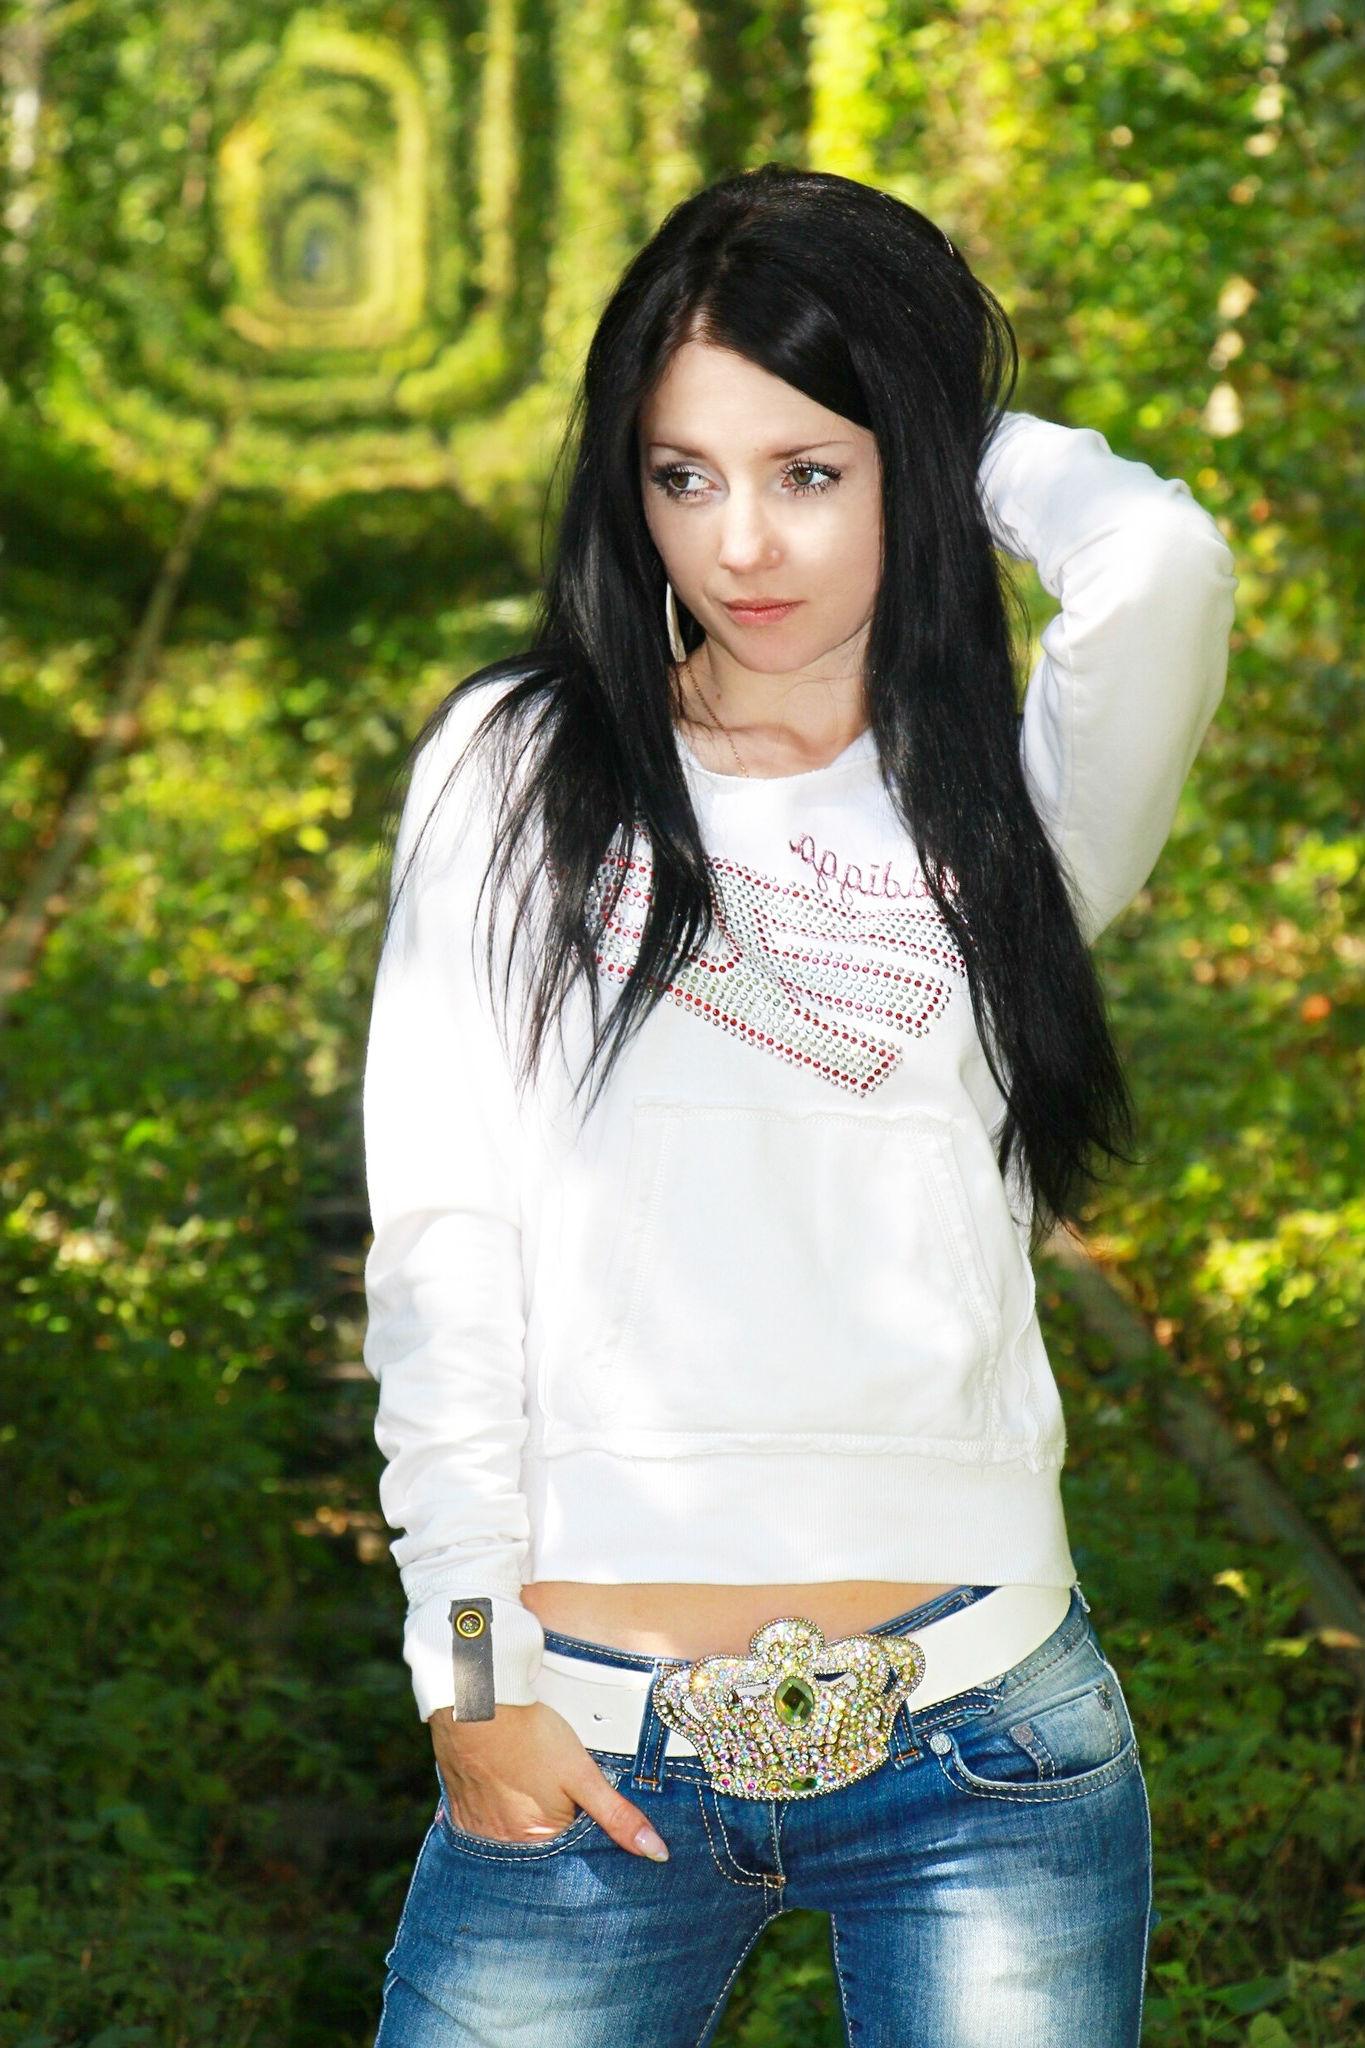 Фотосет брюнетки в парке в джинсах